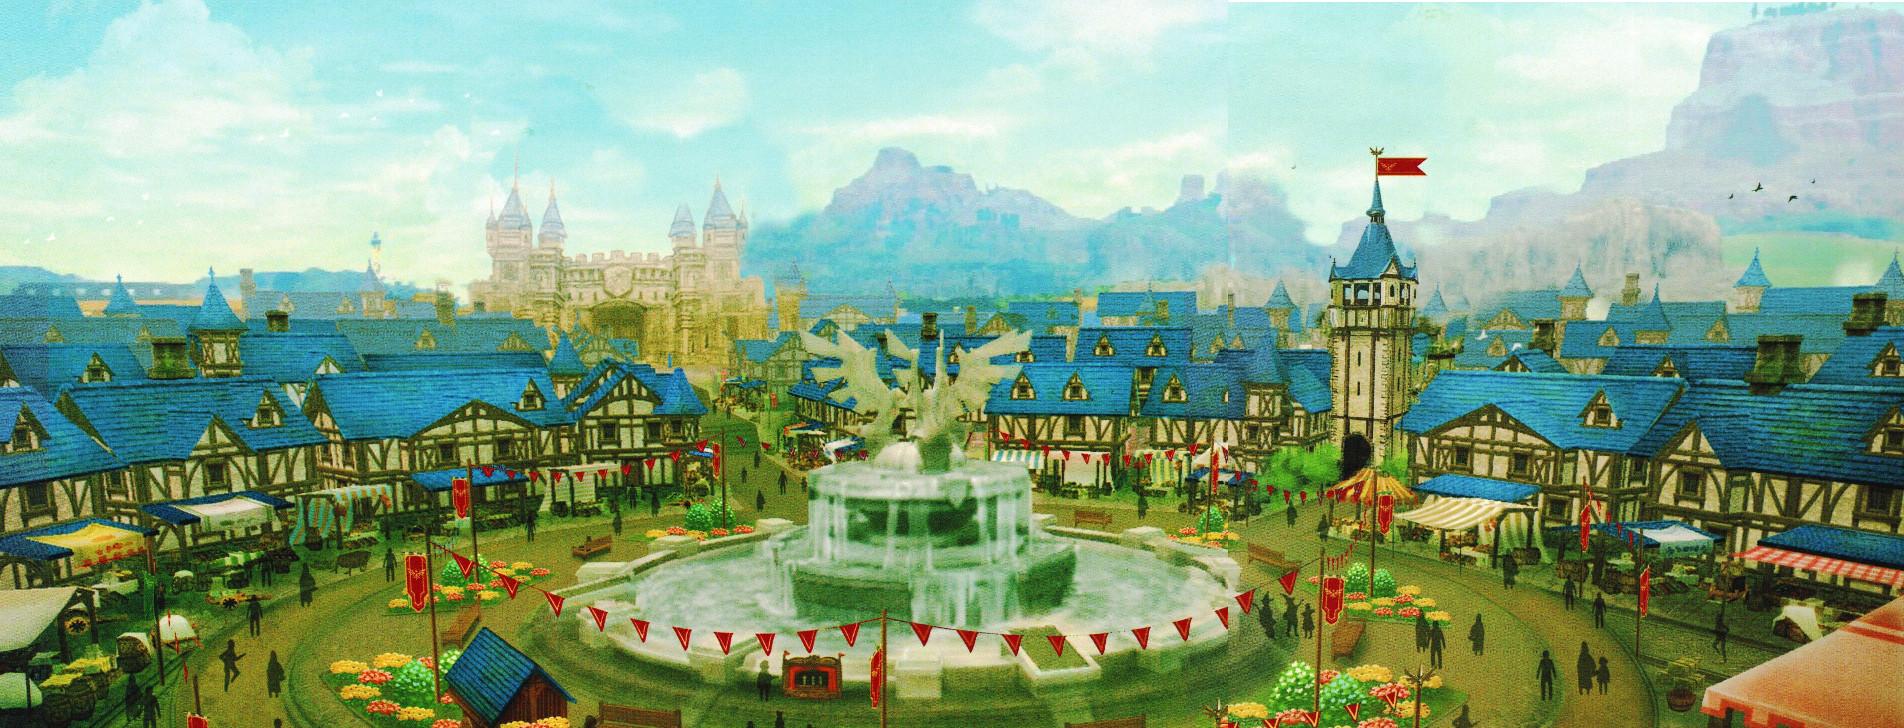 Die Entstehung Einer Legende Konzeptzeichnungen Zeigen Die Fruhe Schaffensphase Und Zahlreiche Verworfene Ideen Zu The Legend Of Zelda Breath Of The Wild Ntower Dein Nintendo Onlinemagazin